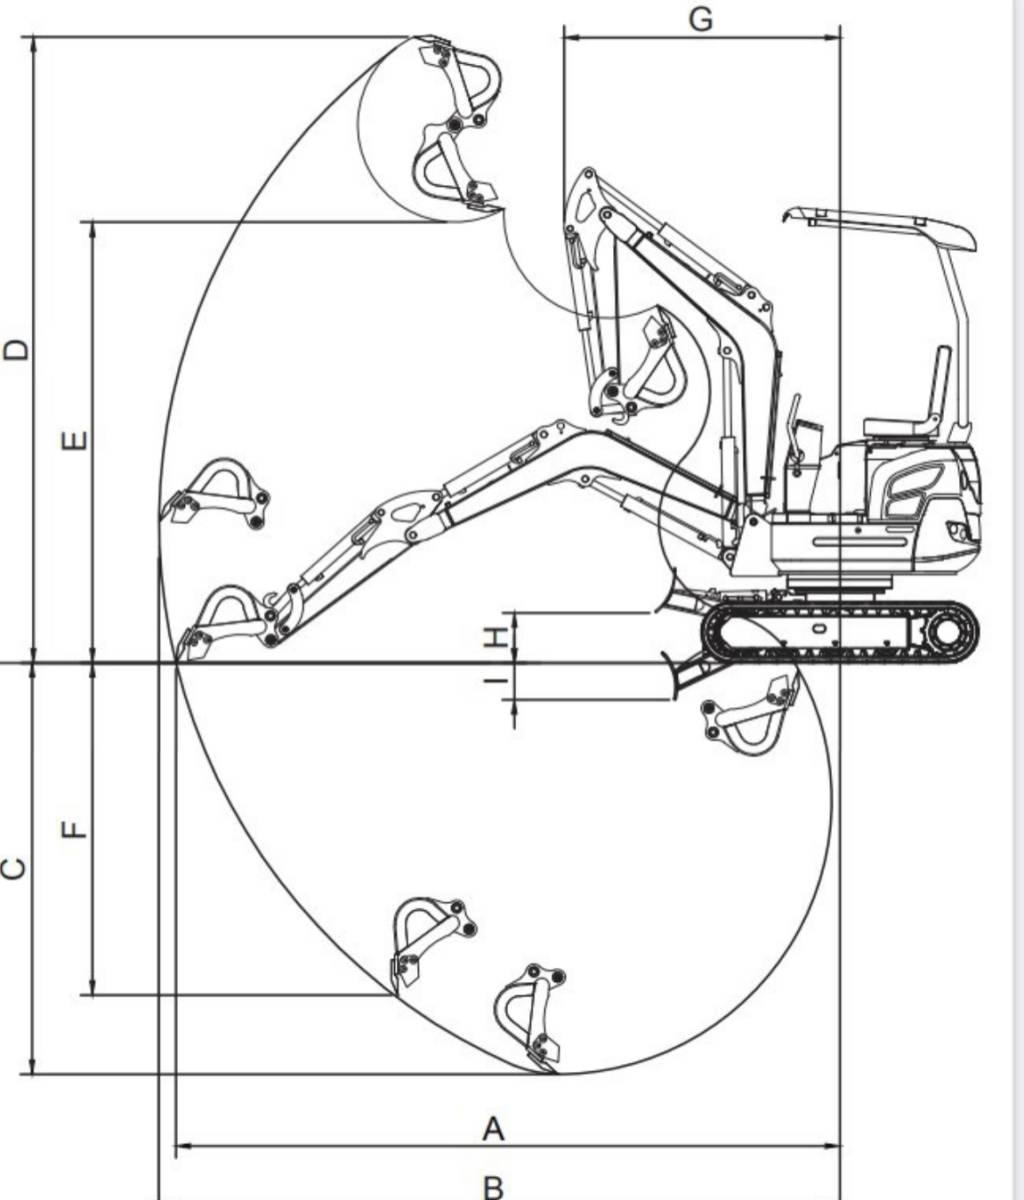 ミニショベル 新品 YE15T-2 ヤンマーディーゼル 3気筒 倍速 送料無料 ブレカー配管 25%オフ 家庭菜園 災害対策 災害対策など_画像7